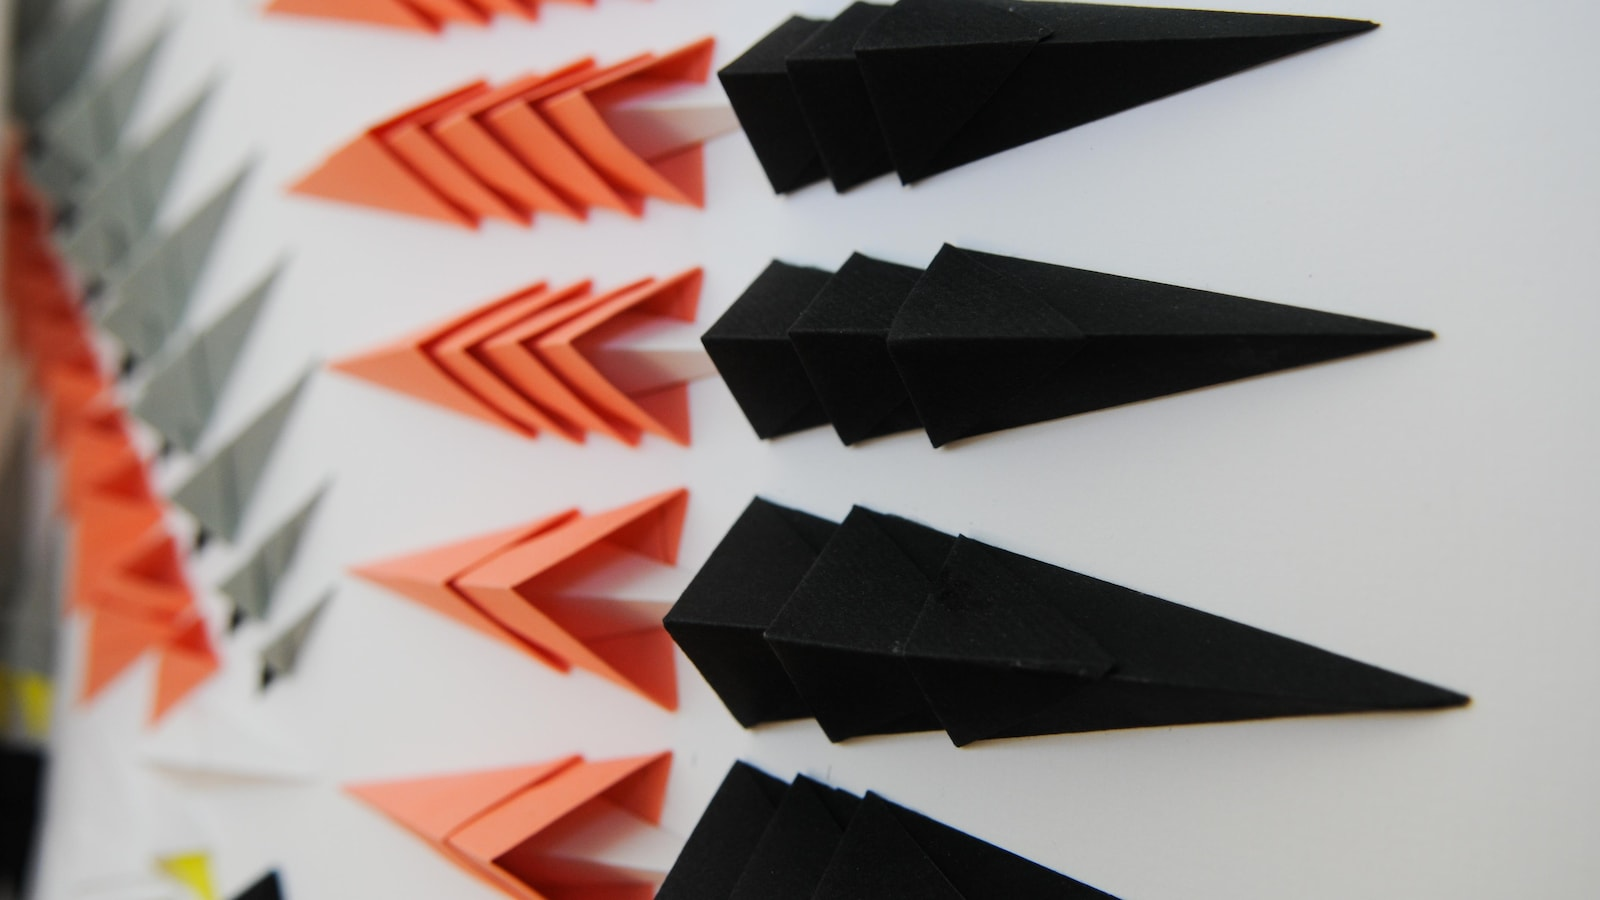 Plan rapproché sur une oeuvre montrant des morceaux de papiers pliés de couleurs noire, rose, gris et jaune.